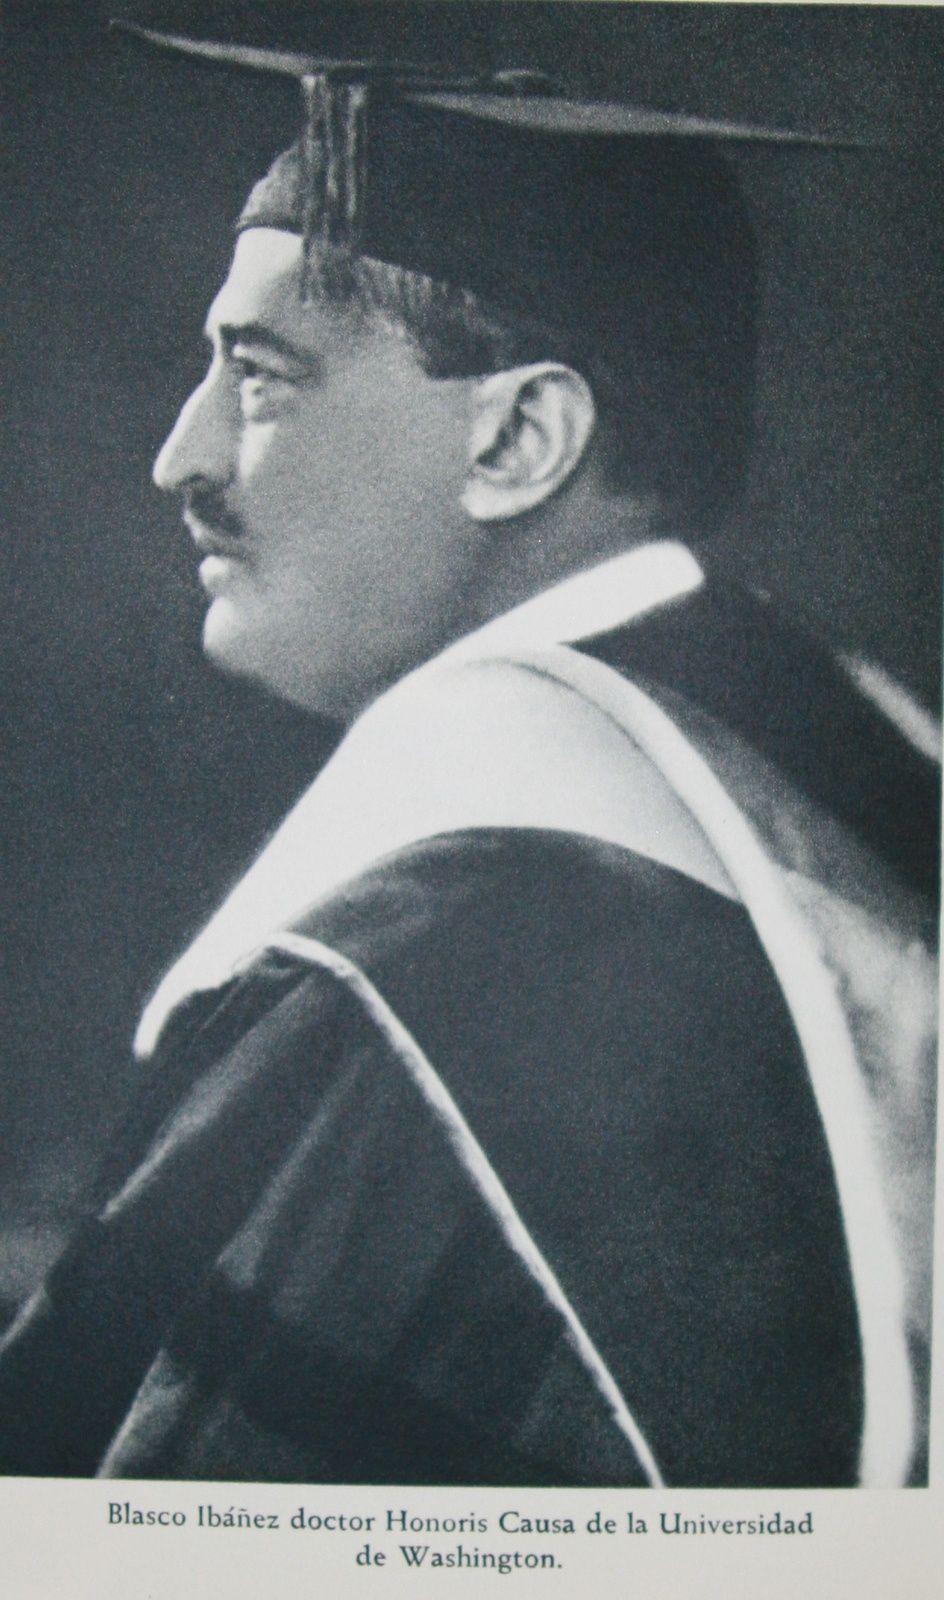 Cérémonie Docteur Honoris Causa de Vicente Blasco Ibañez - GW University